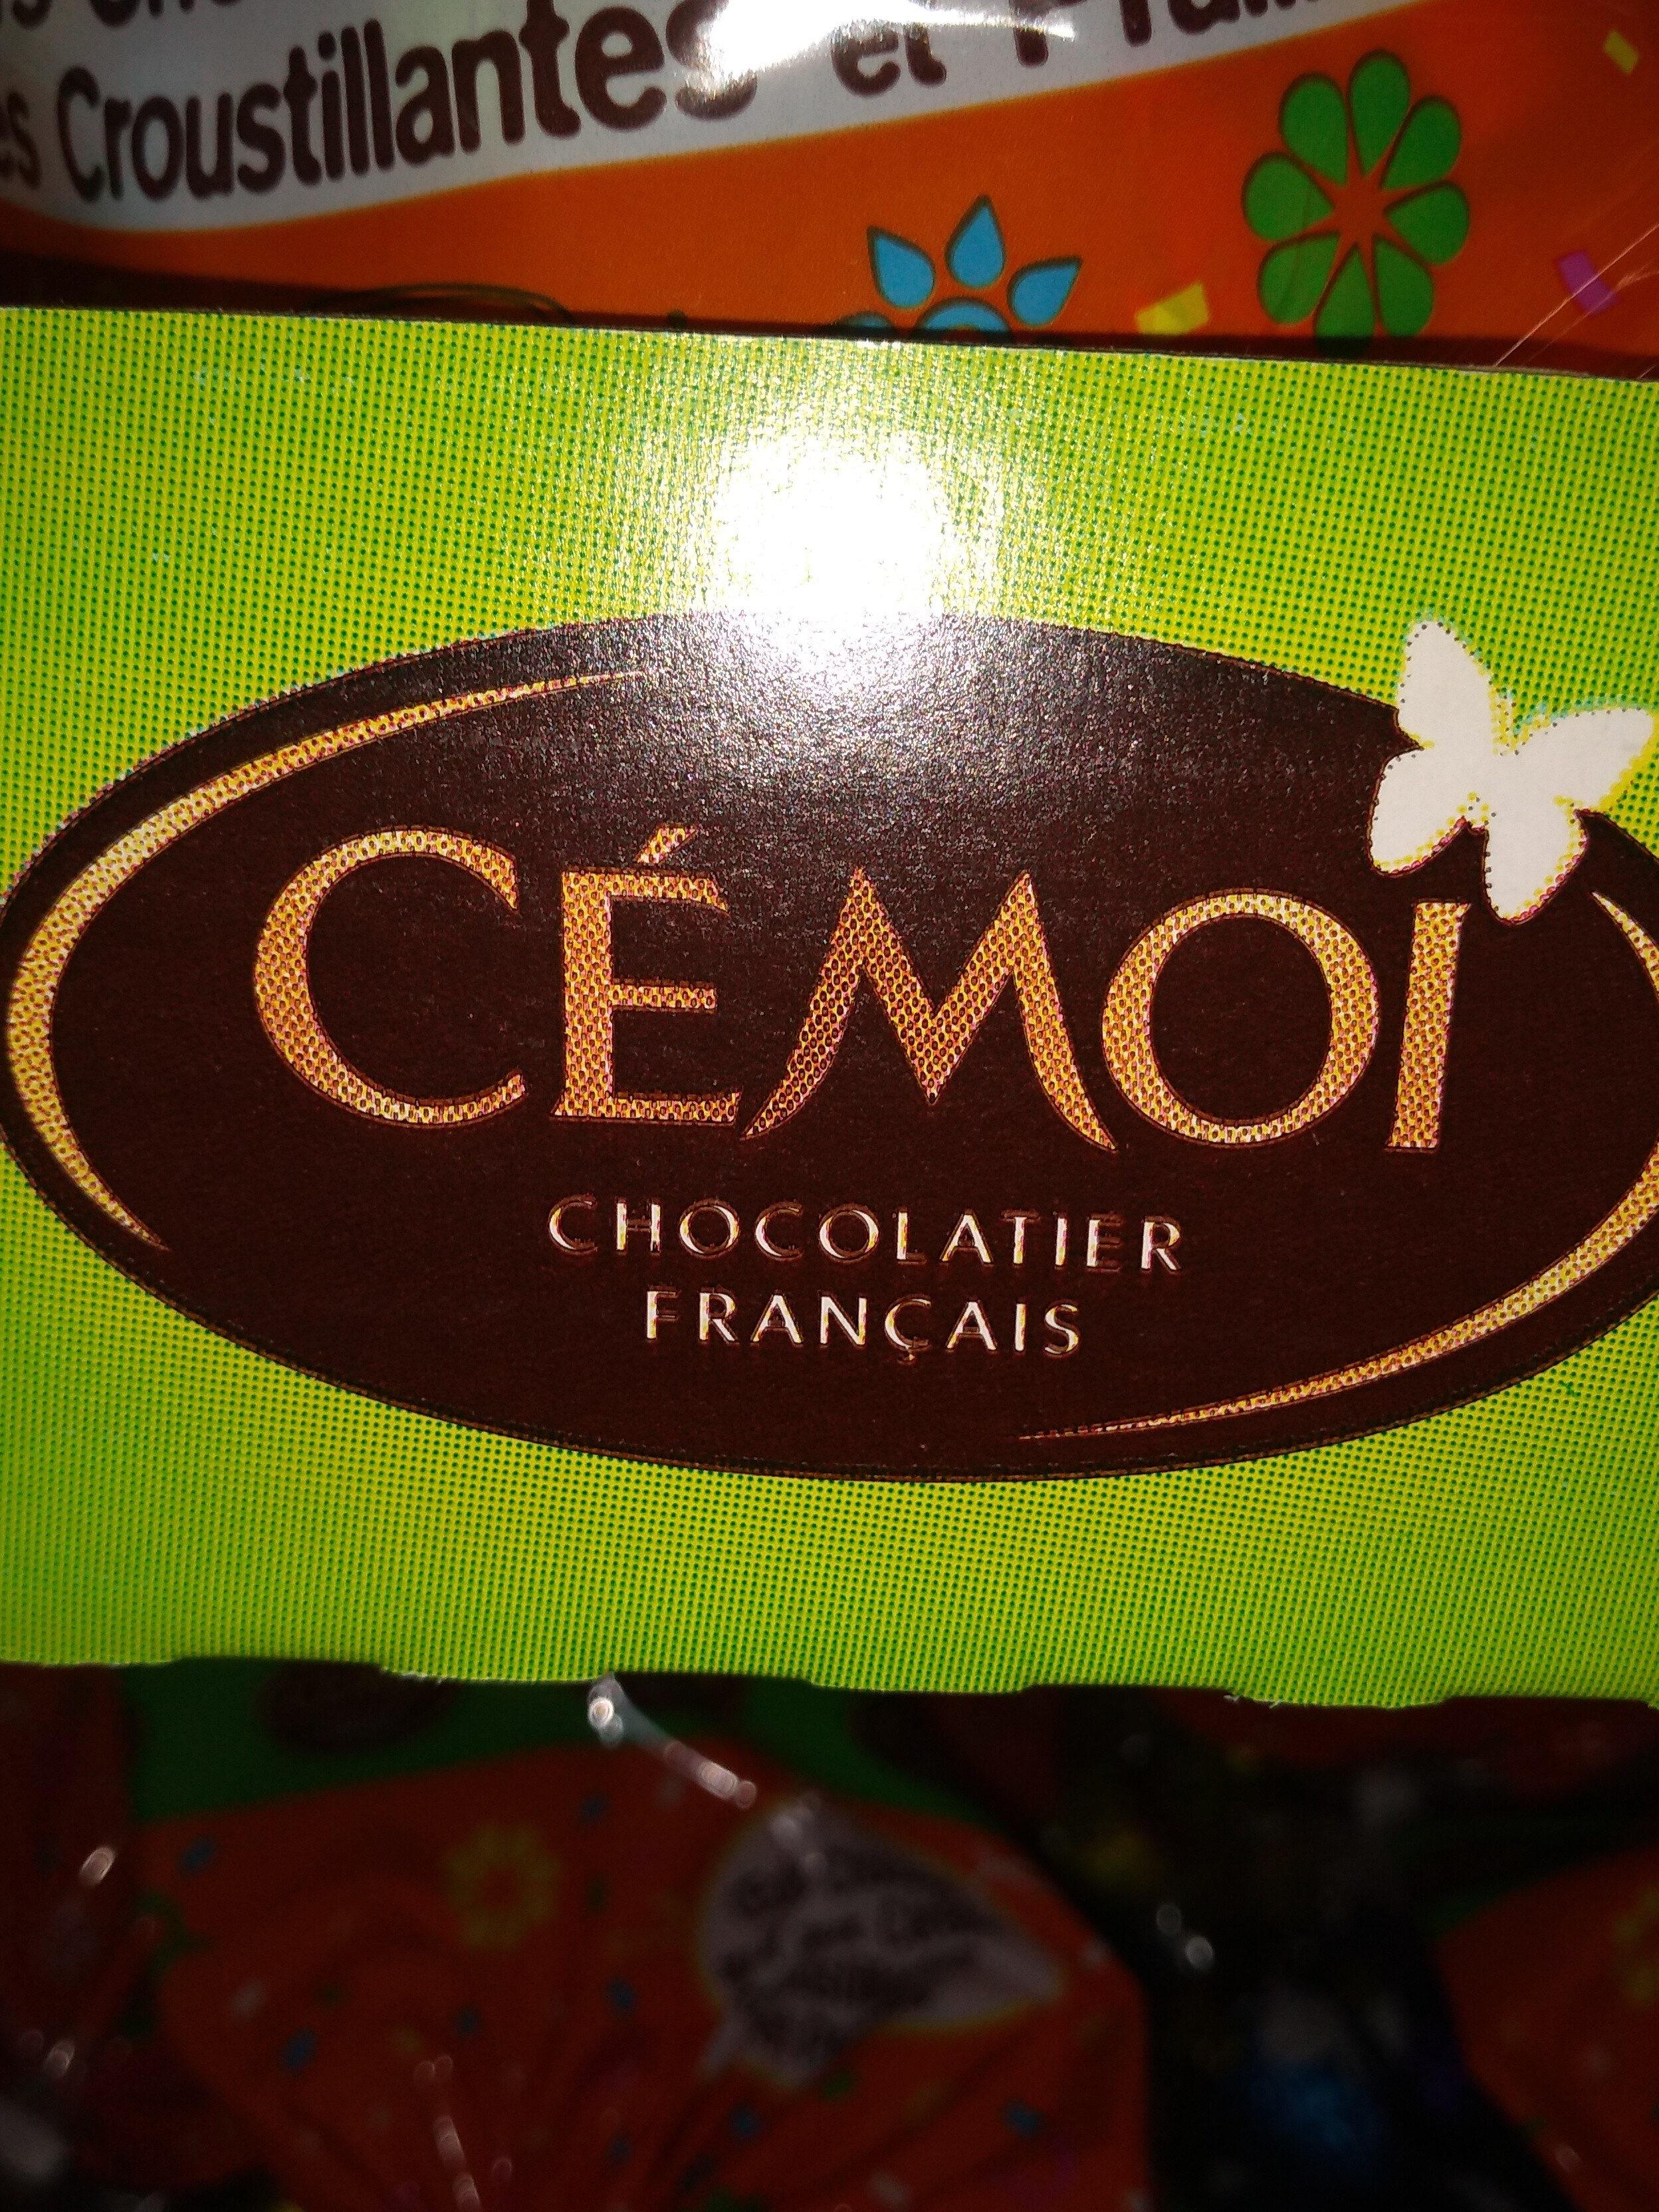 Méga t'oeufs assortiment pralinés et chocolat au lait et aux céréalesCEMOI - Produit - fr